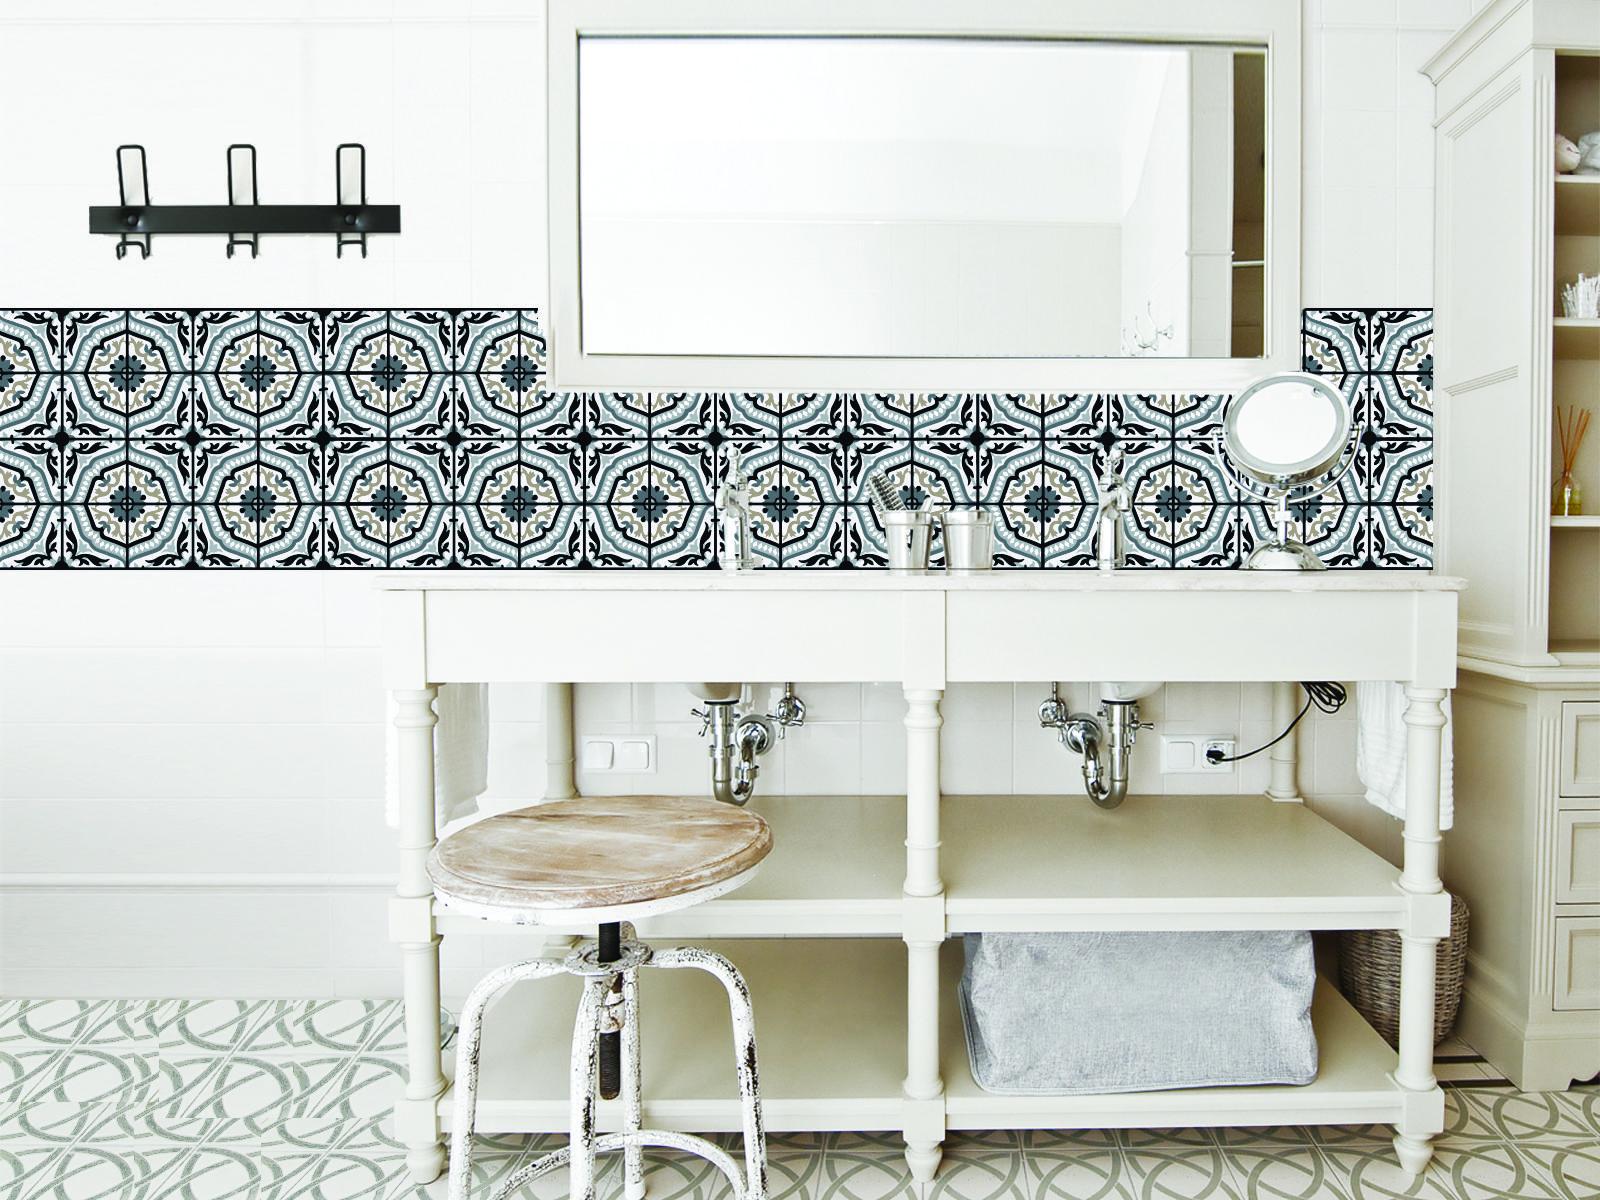 conseils d co en noir blanc pour une salle de bains plus. Black Bedroom Furniture Sets. Home Design Ideas